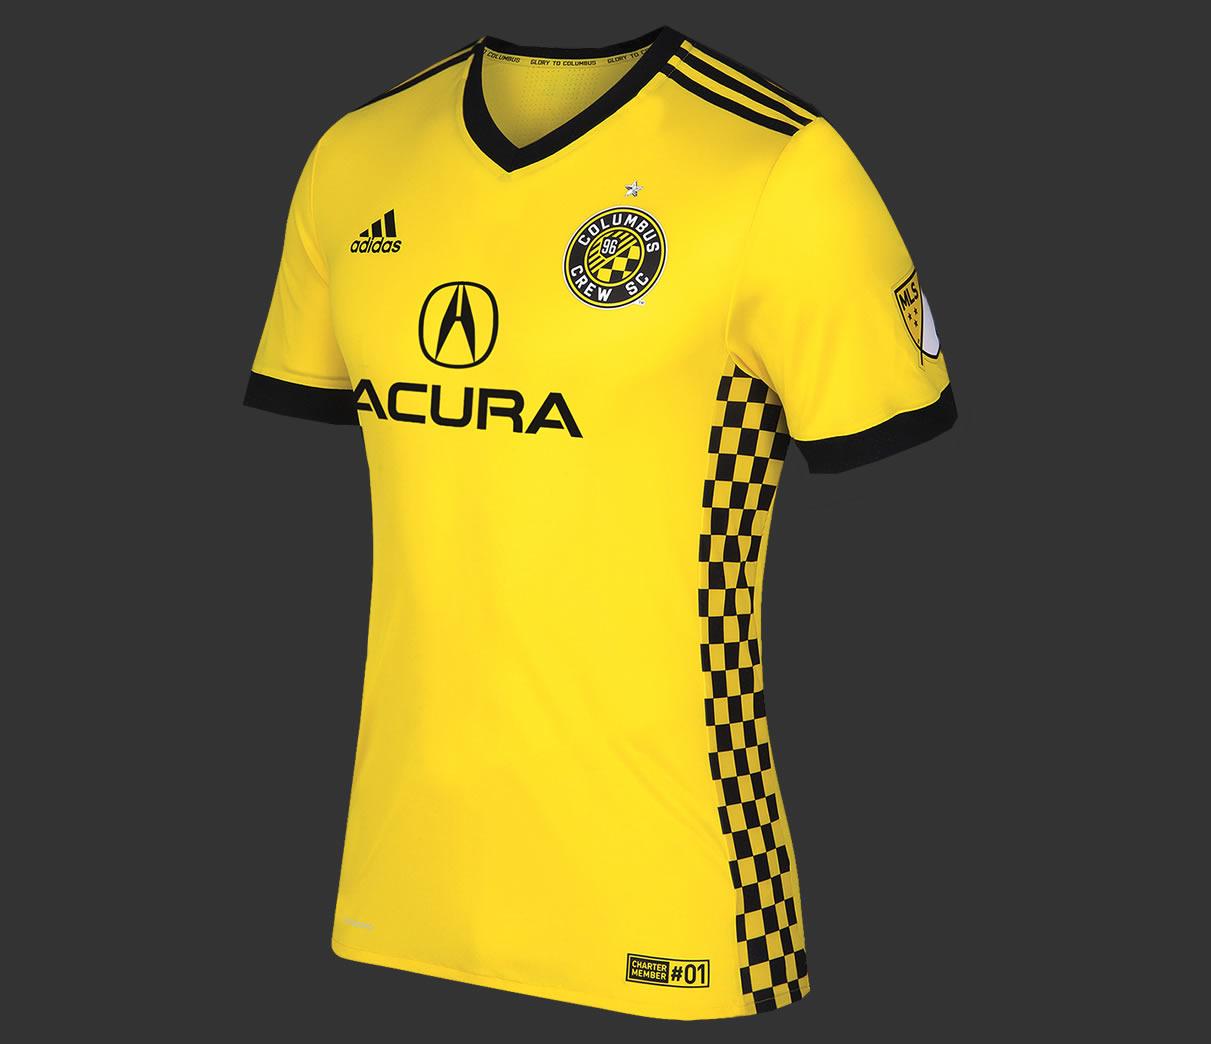 Camiseta Adidas Del Columbus Crew 2017/18